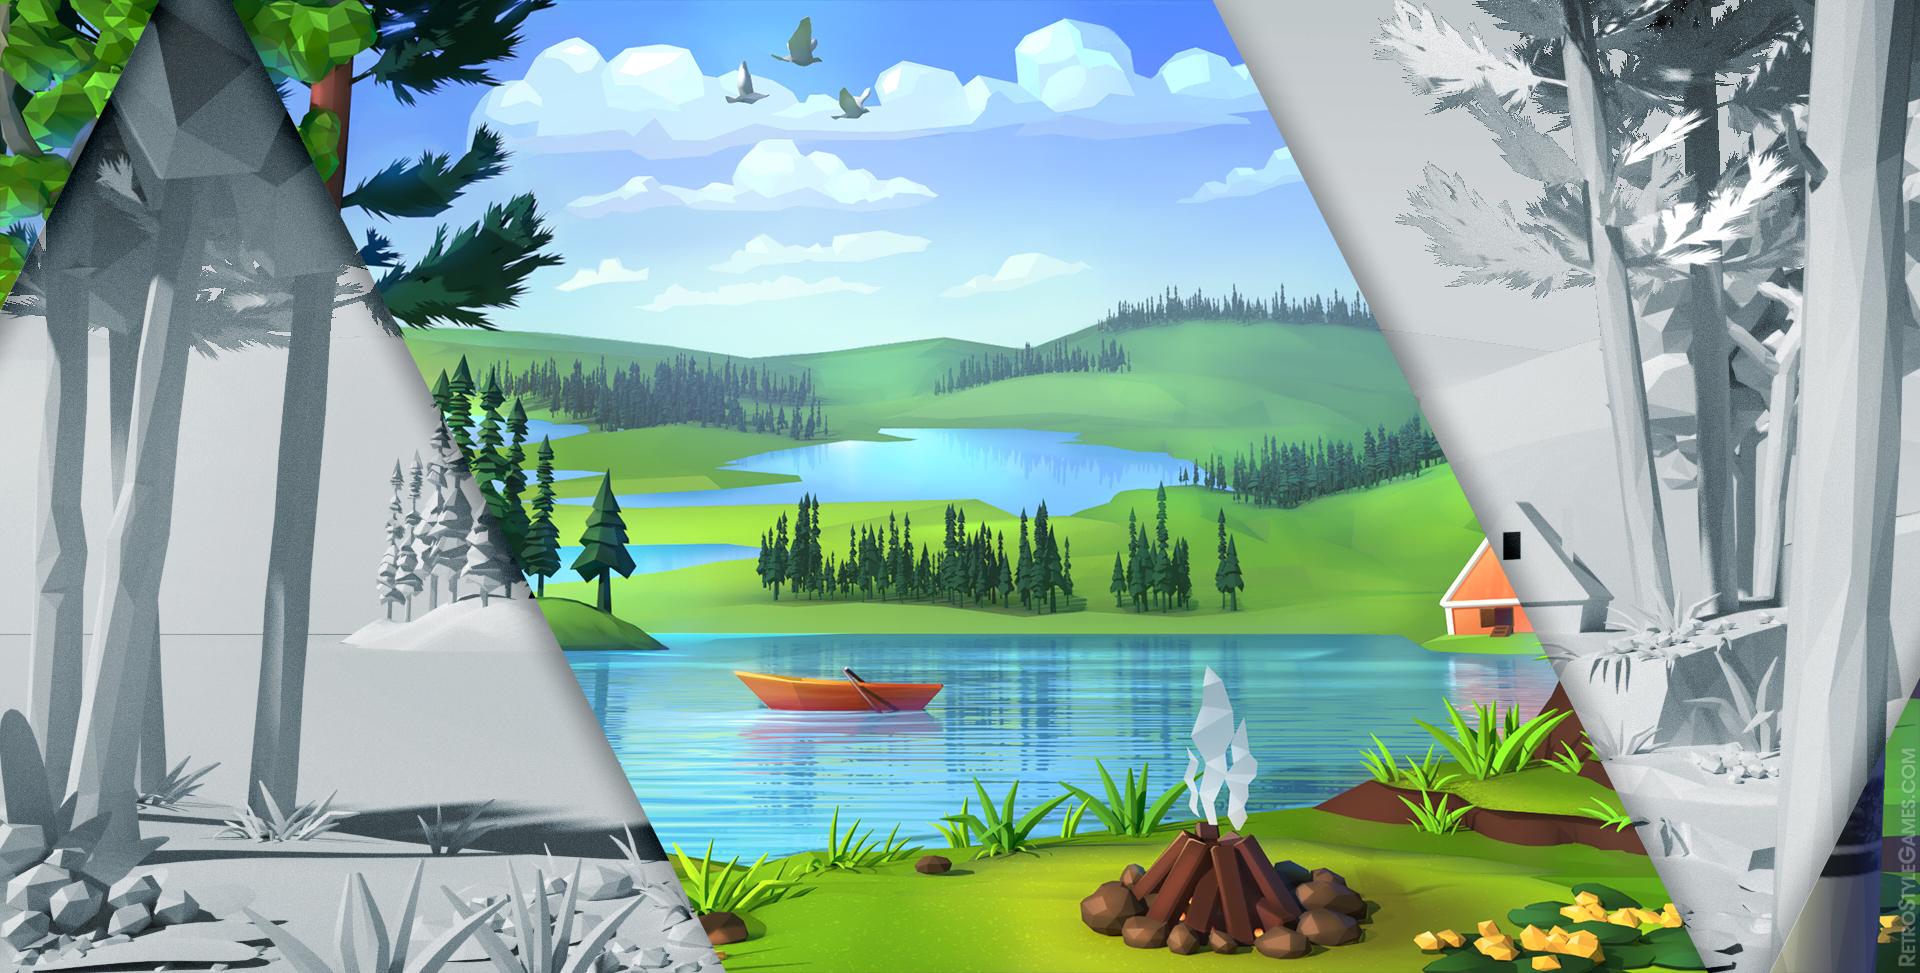 Blending 2D 3D Modeling Background Polygon Stylized Landscape Lake